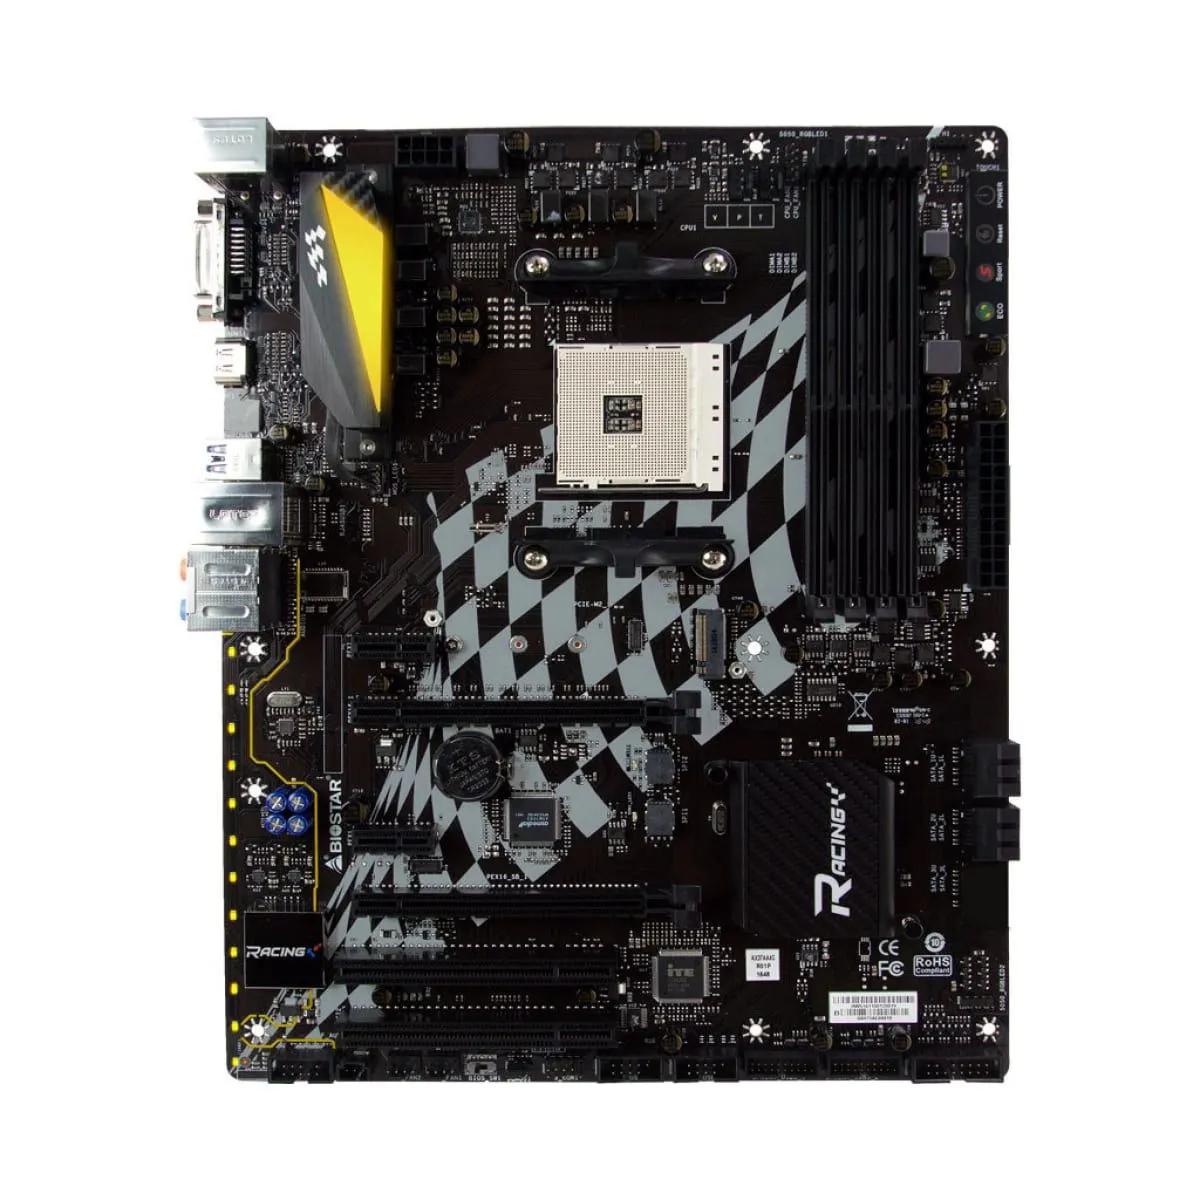 Placa mãe Biostar B350GT5 Chipset B350 AMD AM4 Atx DDR4